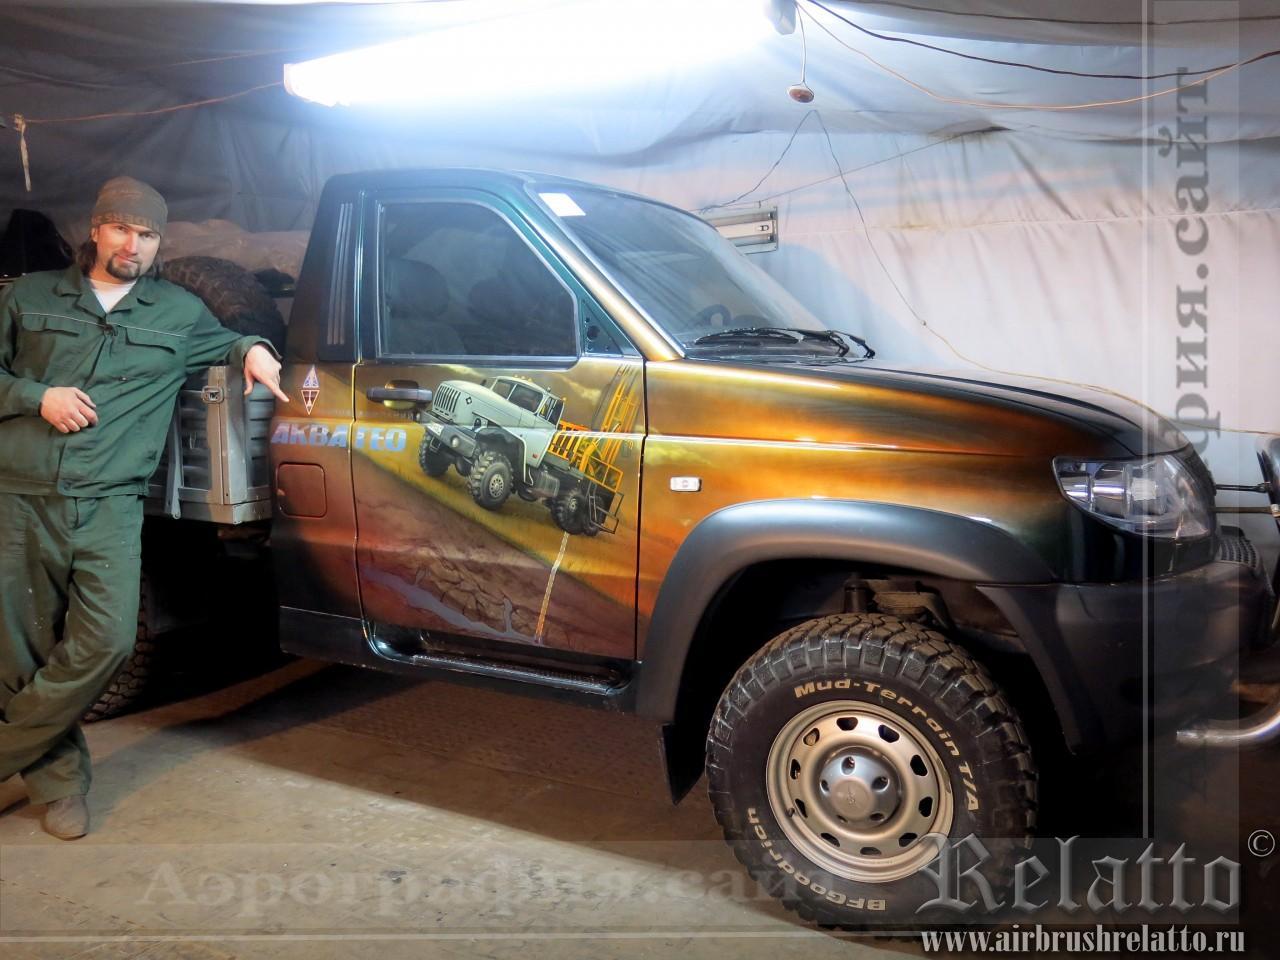 Рисунок на автомобиле  UAZ Kargo - буровые работы